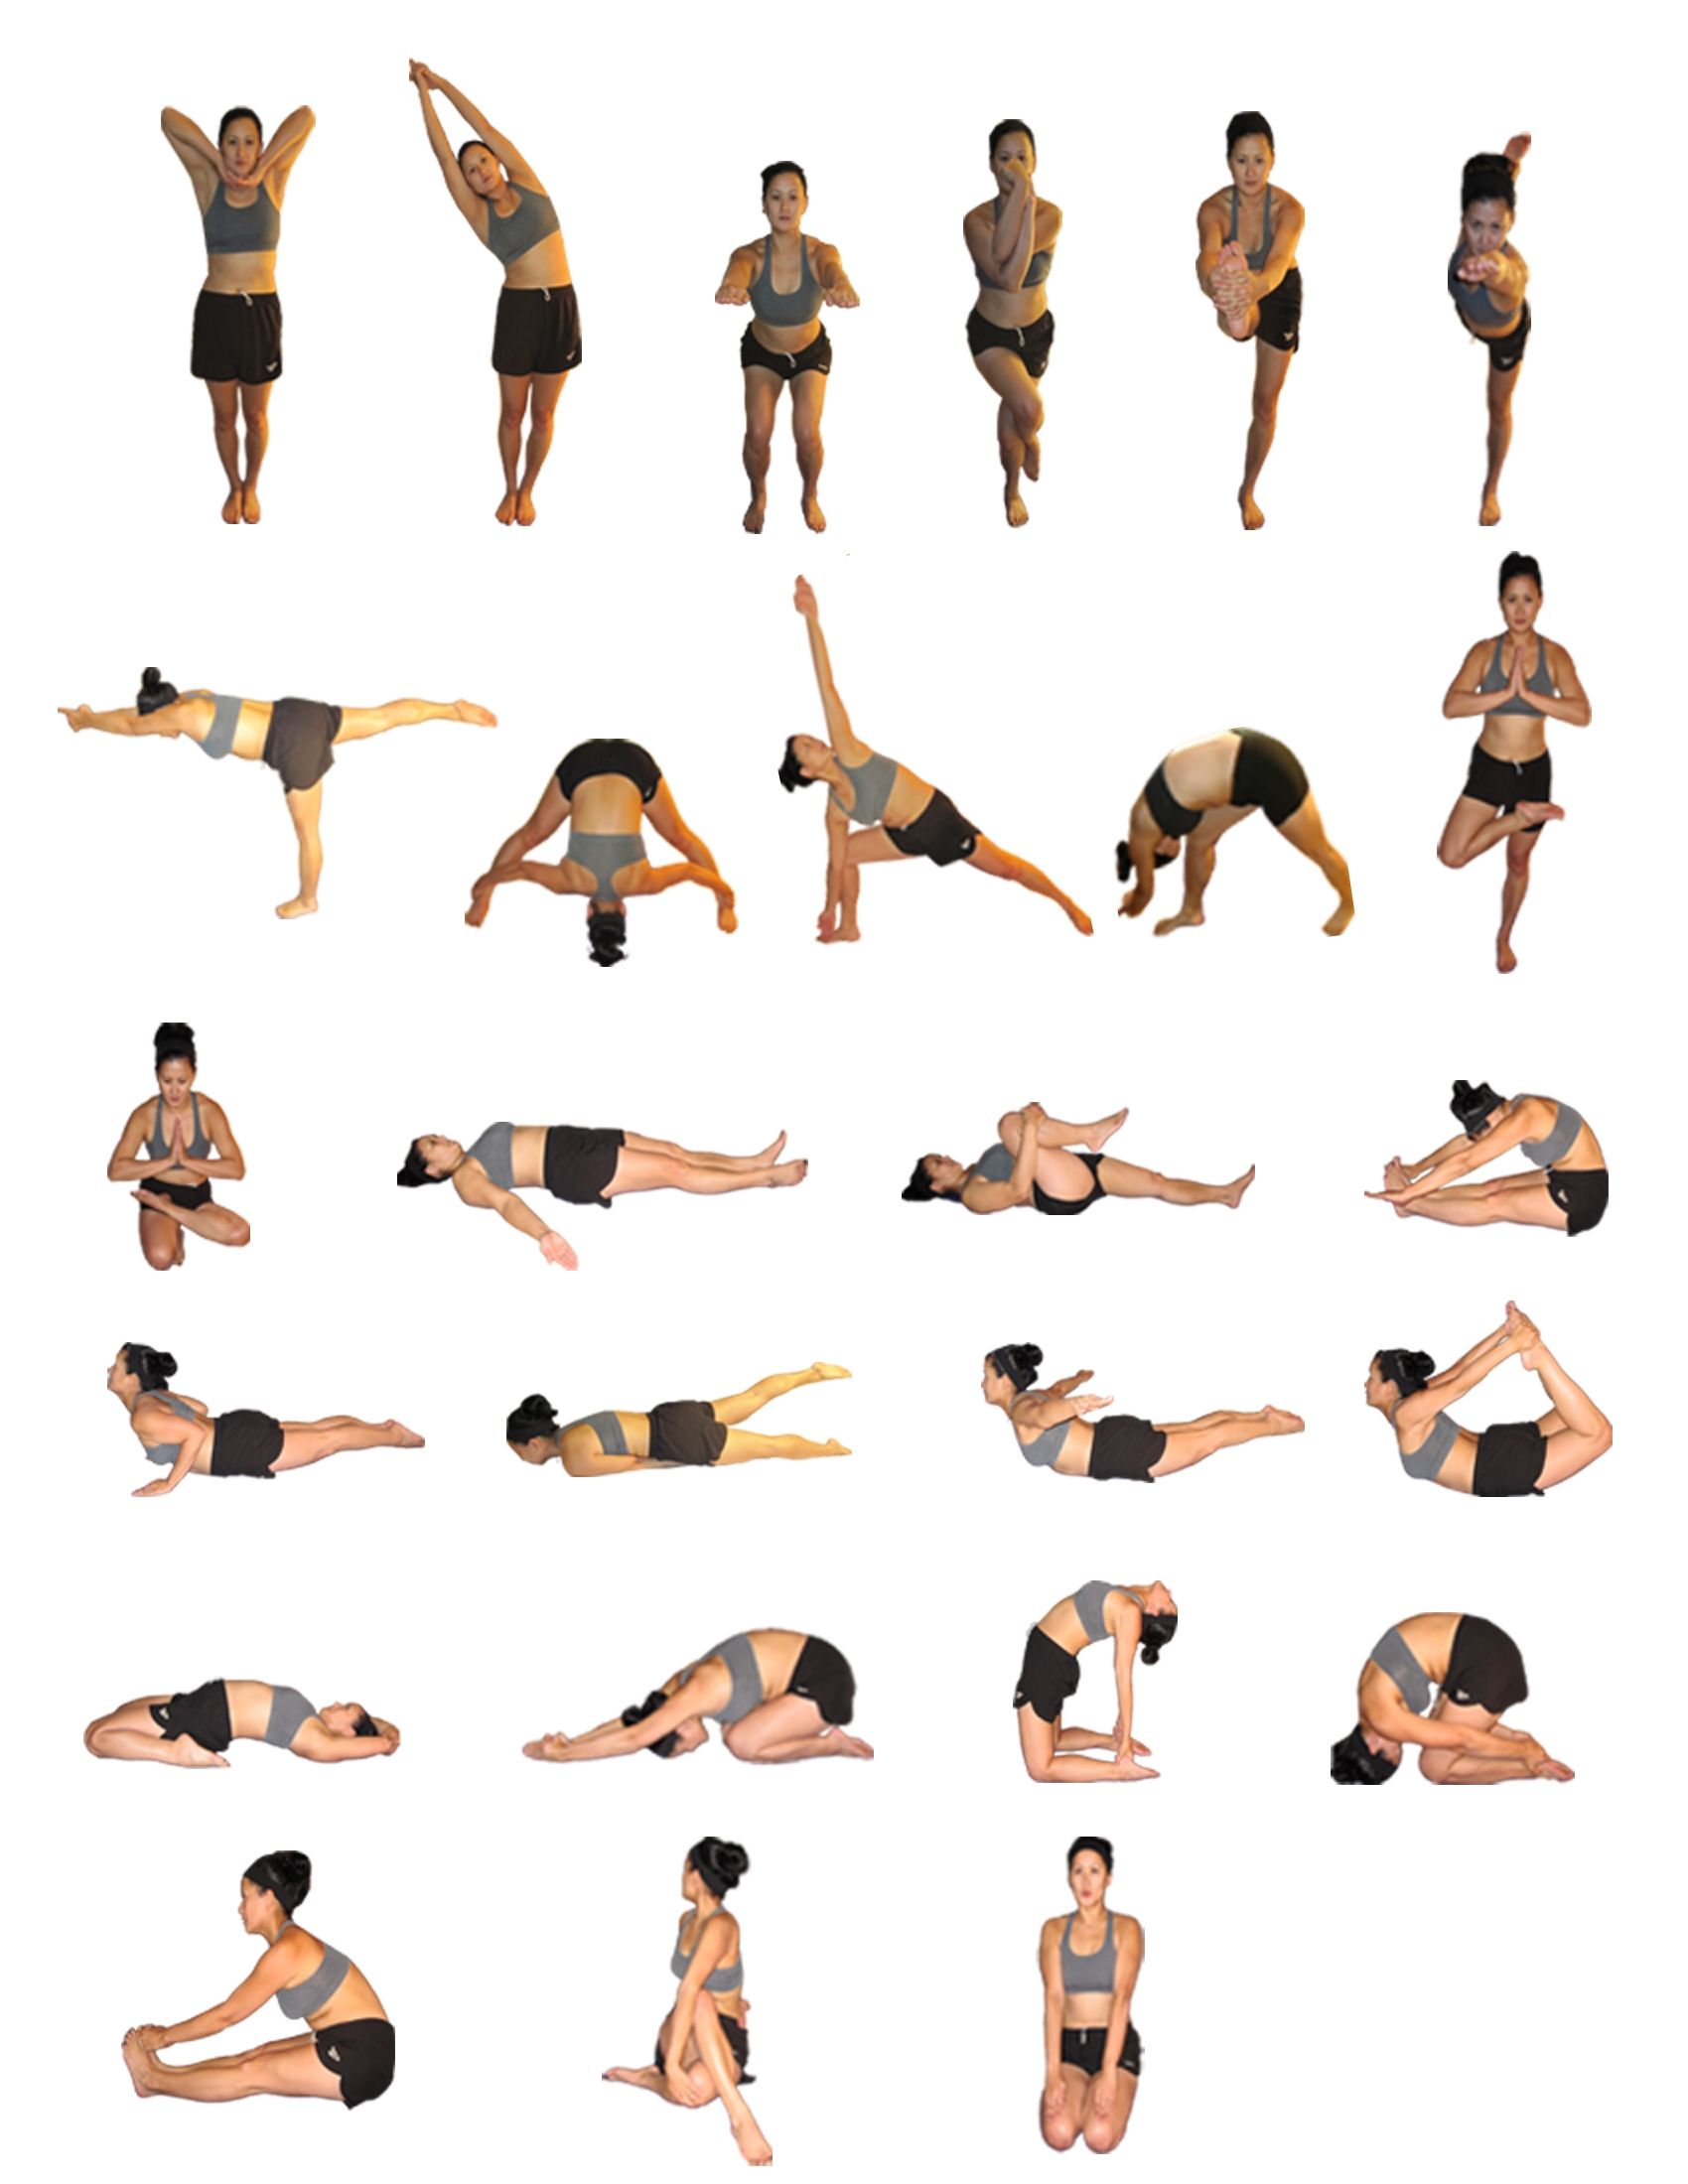 days of the week sanskrit   sanskrit spine twisting pose ardha matsyendrasana sanskrit ... yog aroutine